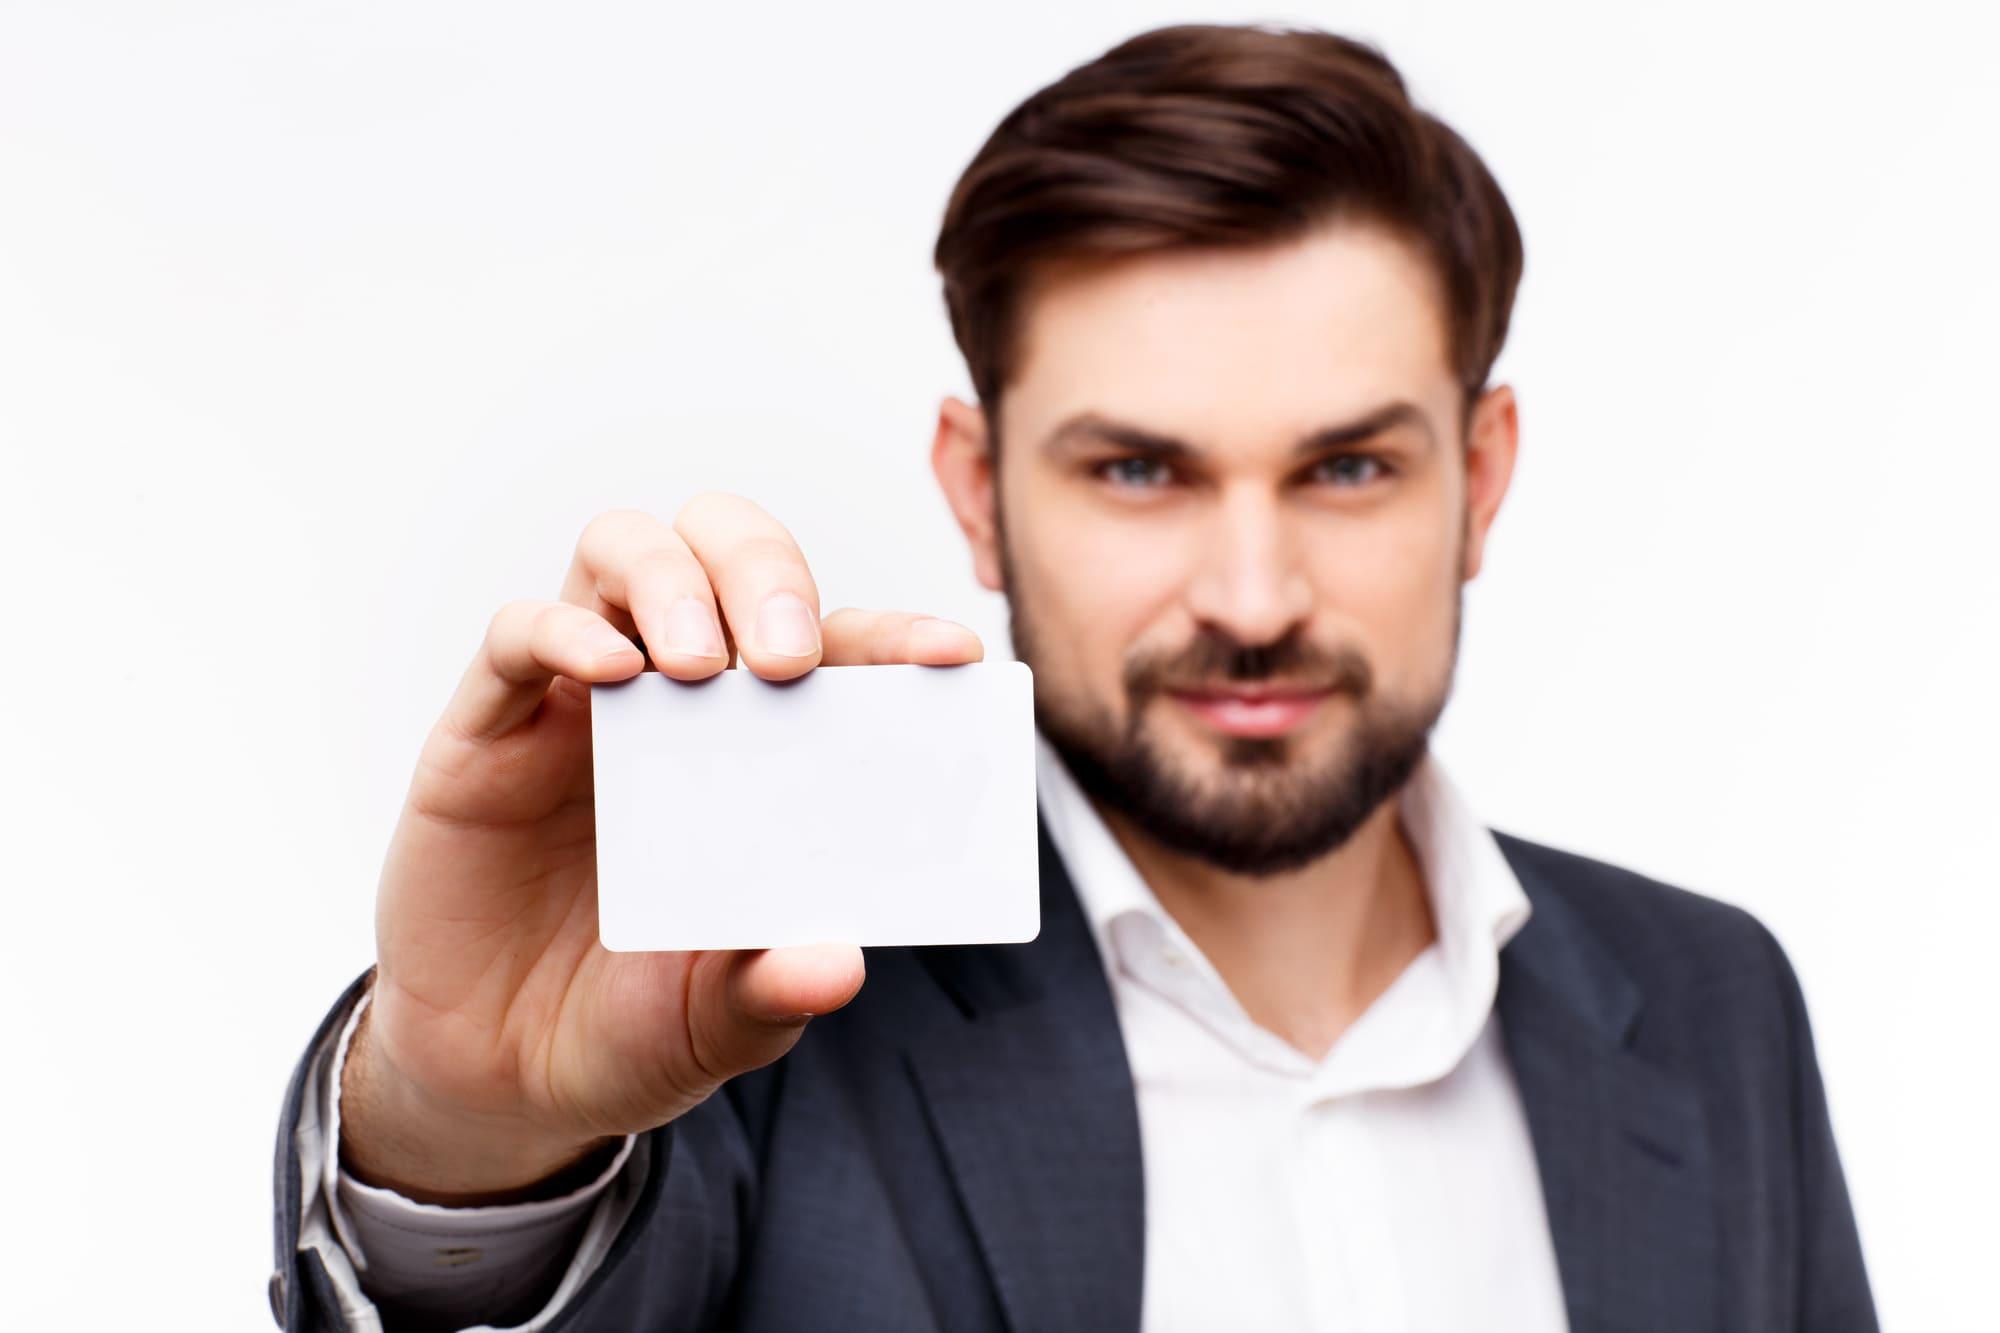 カードを手前に掲げる ビジネスマン